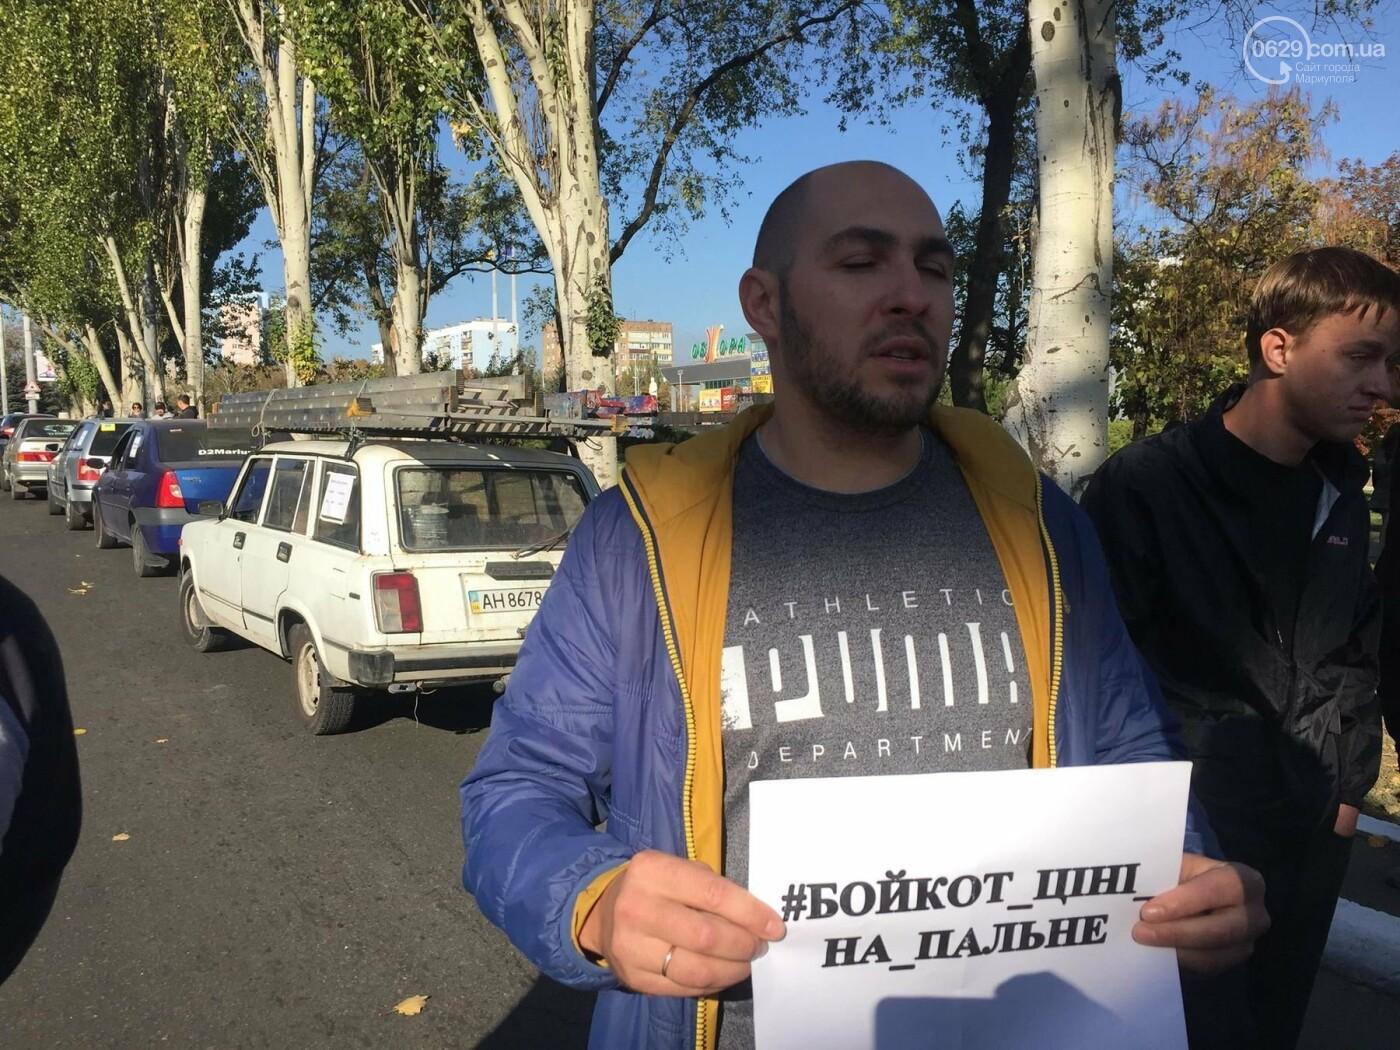 Автомобилисты в центре Мариуполя сигналили против высоких цен на топливо, - ФОТО, ВИДЕО, фото-6